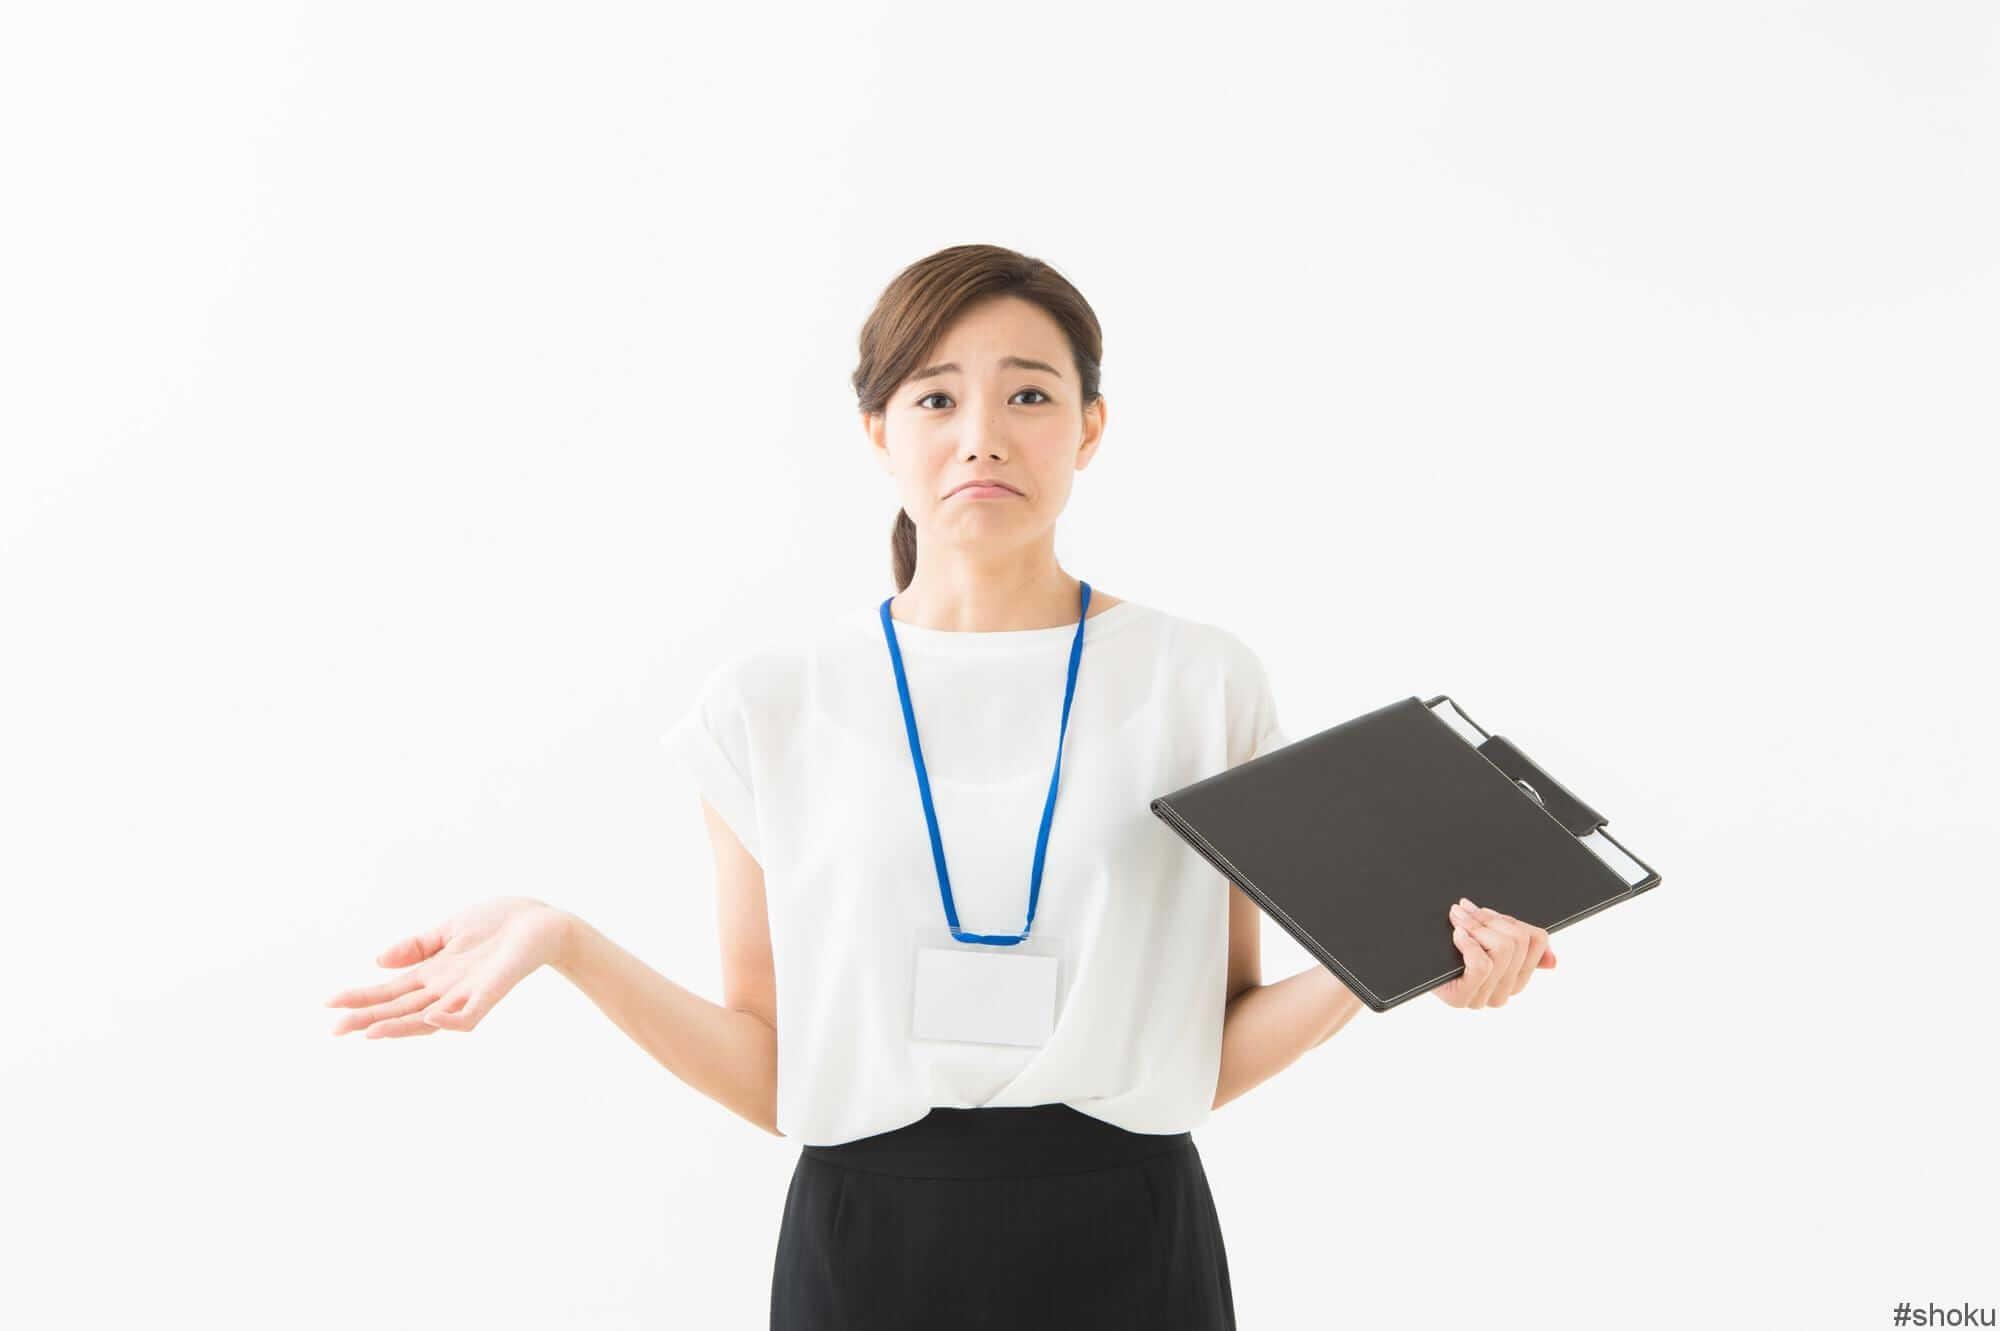 営業事務と営業アシスタントの違いは何かわからず困る女性